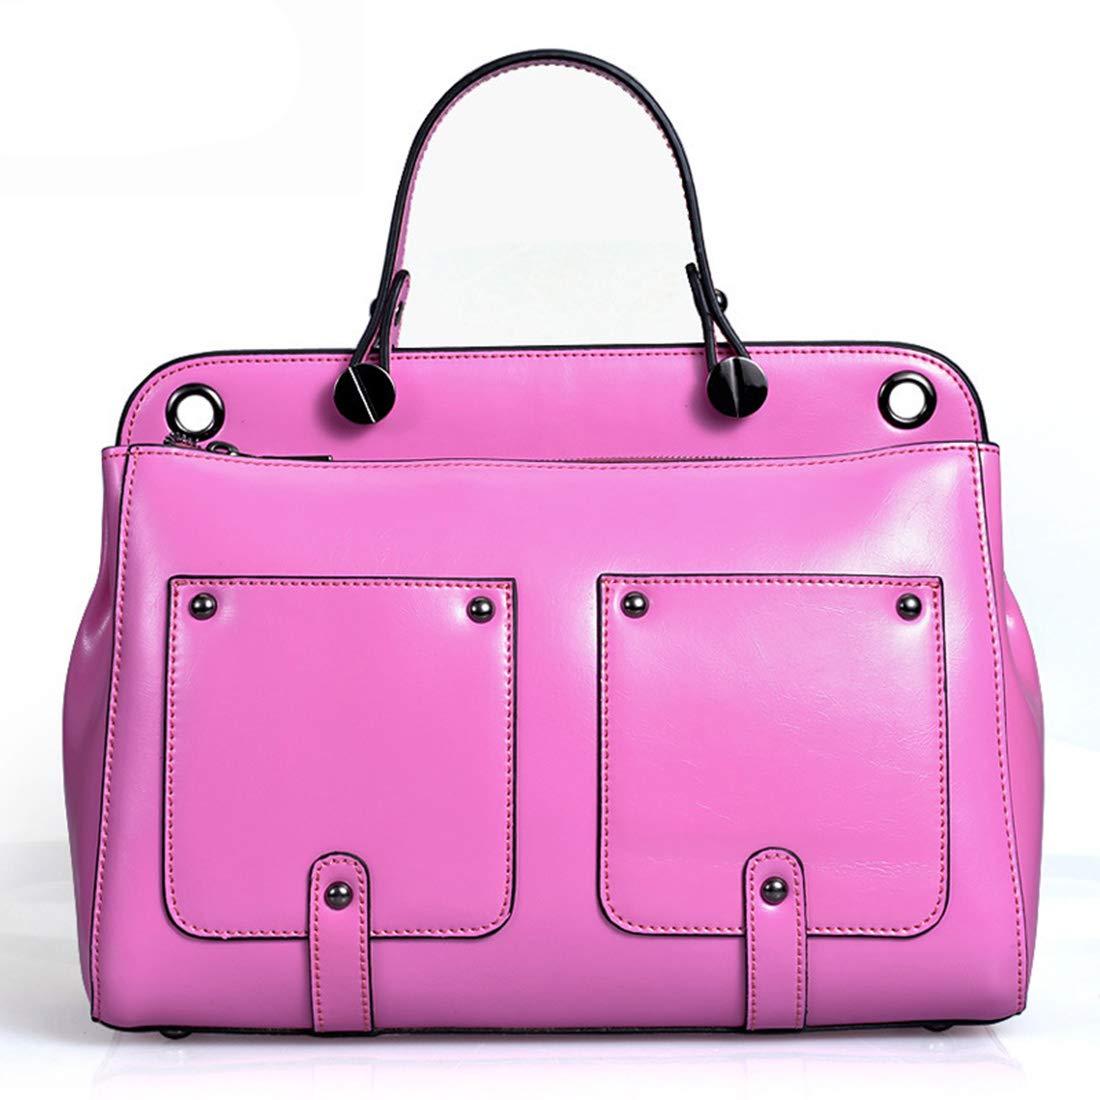 低価格の DOUGHNUT 本革女性トップハンドルサッチェルハンドバッグトートショルダーバッグ財布クロスボディバッグハンドバッグ用女性 (色 : Purple) B07R9RJ6PN pink Rose pink Rose Rose Purple) pink, 木のおもちゃ知育玩具 エデュテ:ce09db0c --- mcrisartesanato.com.br